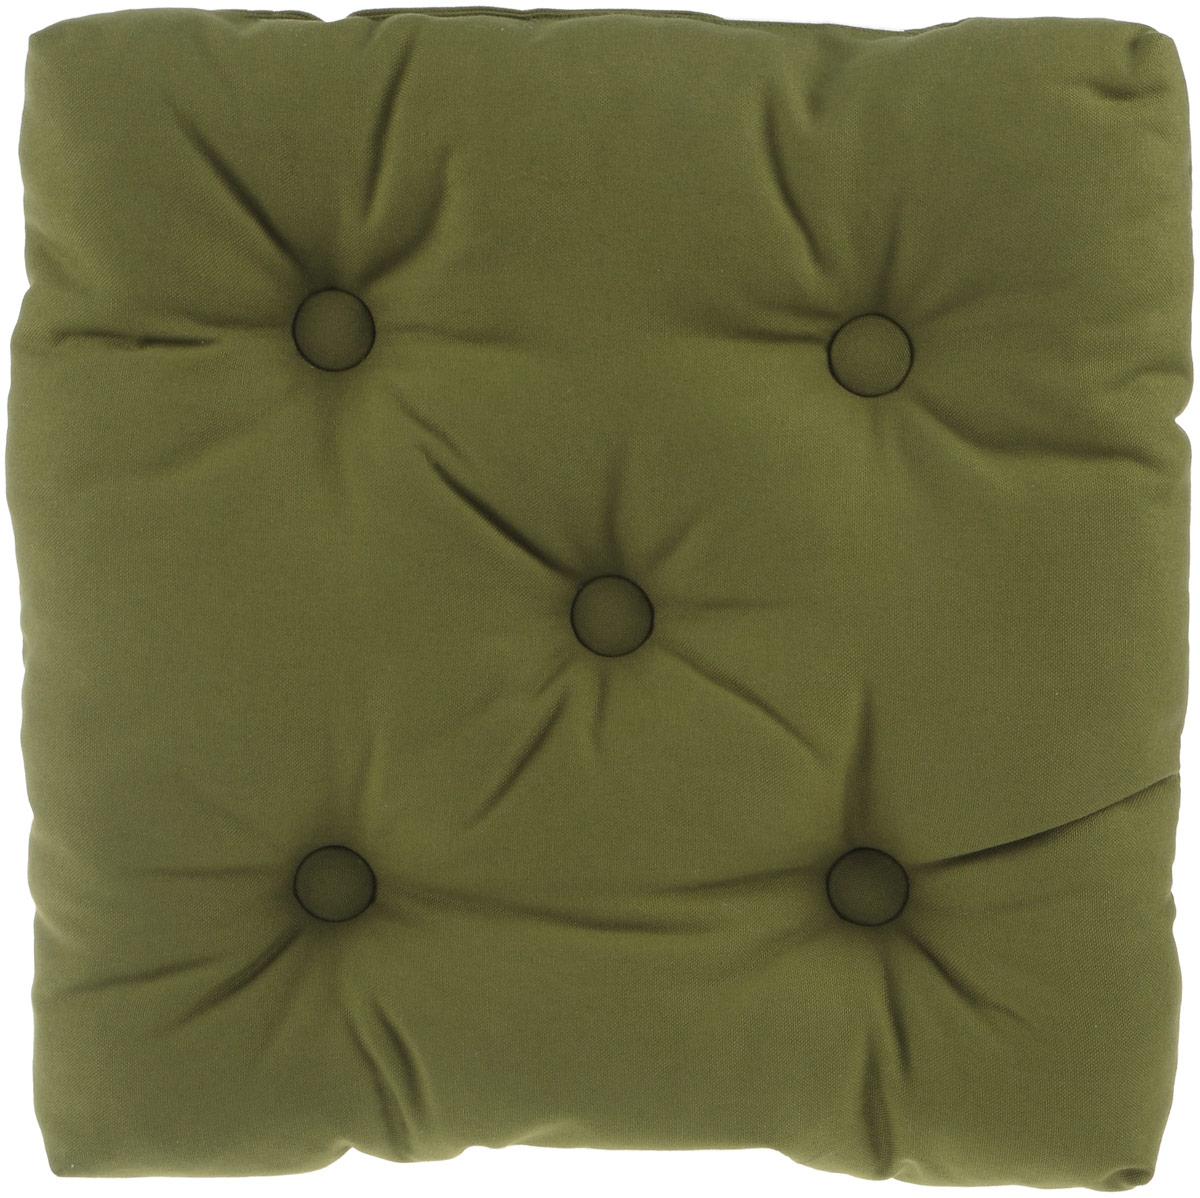 Подушка на стул KauffOrt Комо, цвет: зеленый, 40 x 40 см80653Подушка на стул KauffOrt Комо не только красиво дополнит интерьер кухни, но и обеспечит комфорт при сидении. Чехол выполнен из хлопка, а наполнитель из холлофайбера. Подушка легко крепится на стул с помощью завязок. Правильно сидеть - значит сохранить здоровье на долгие годы. Жесткие сидения подвергают наше здоровье опасности. Подушка с мягким наполнителем поможет предотвратить большинство нежелательных последствий сидячего образа жизни.Толщина подушки: 10 см.